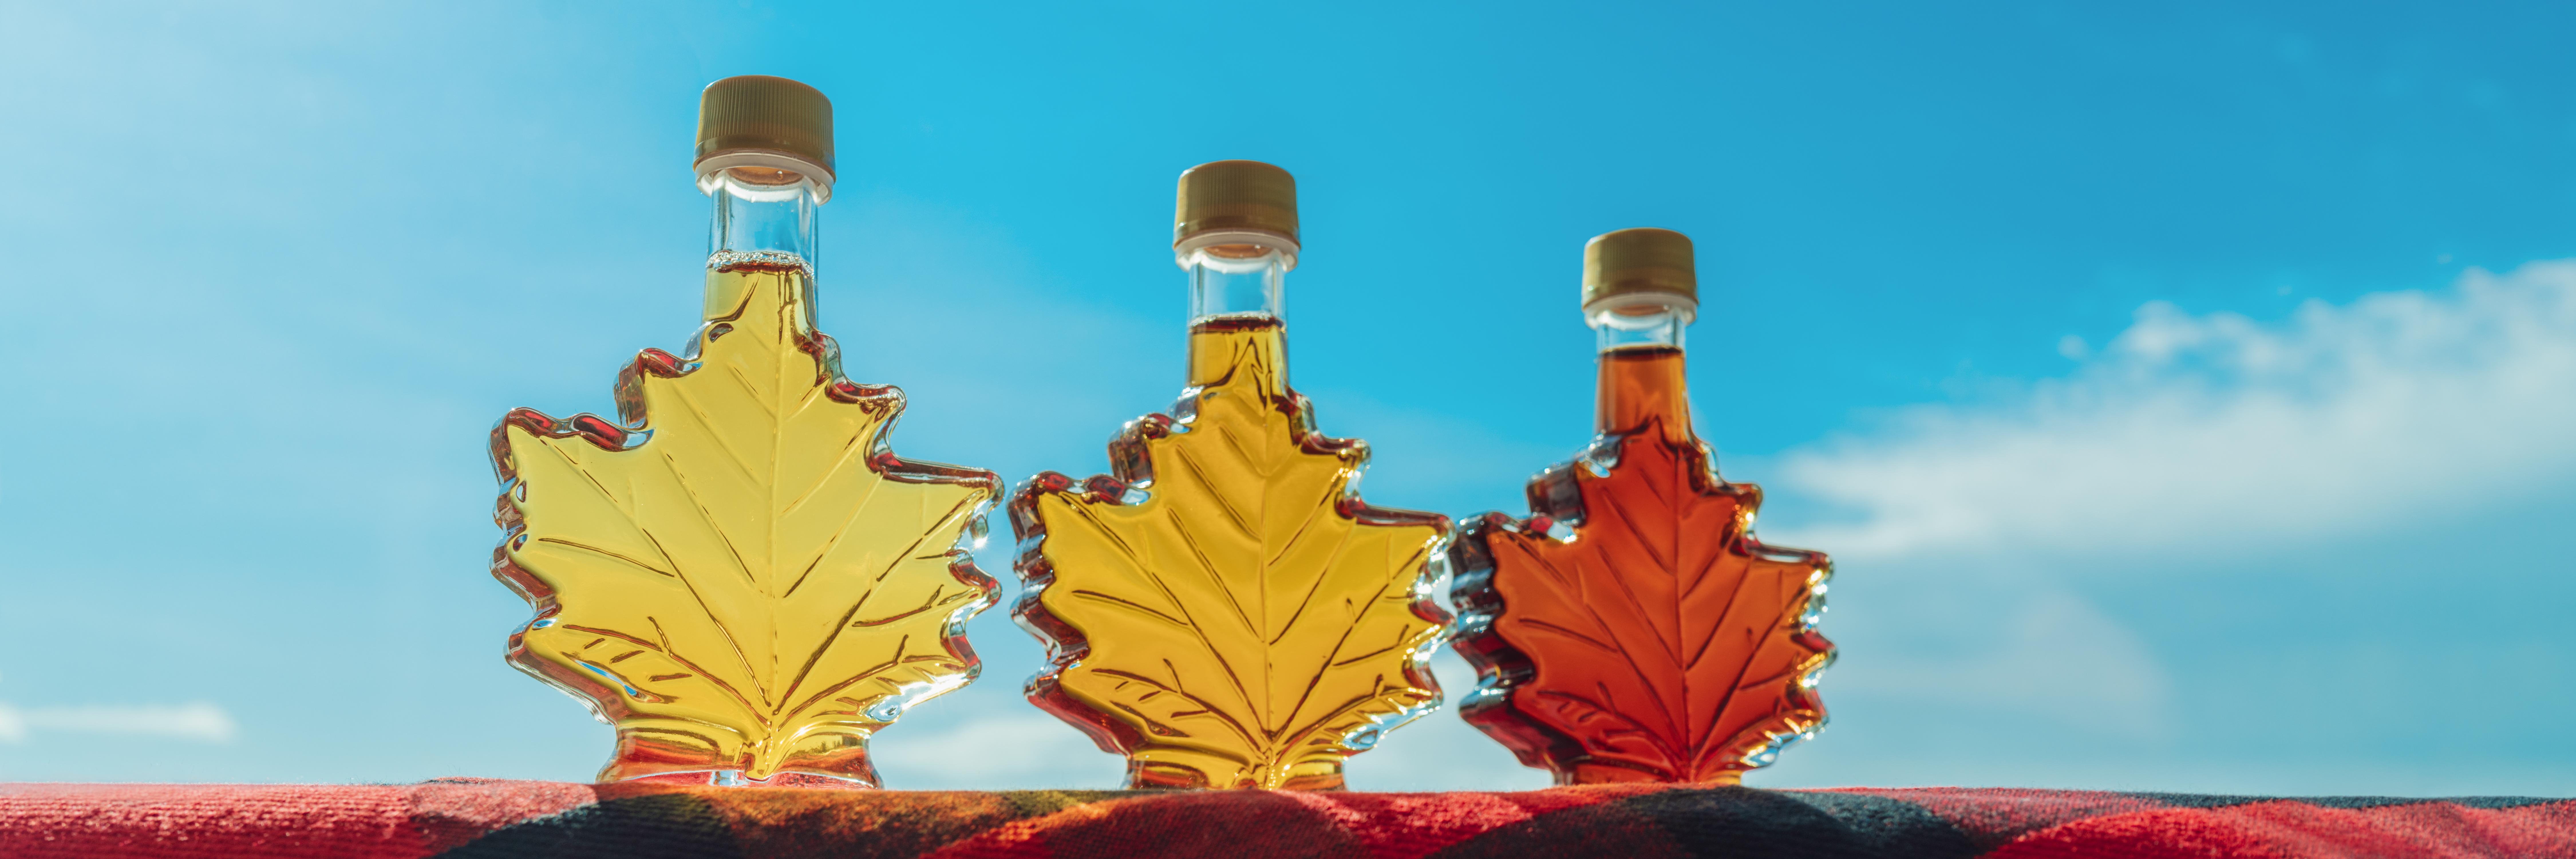 3 bouteilles feuilles de sirop d'érable